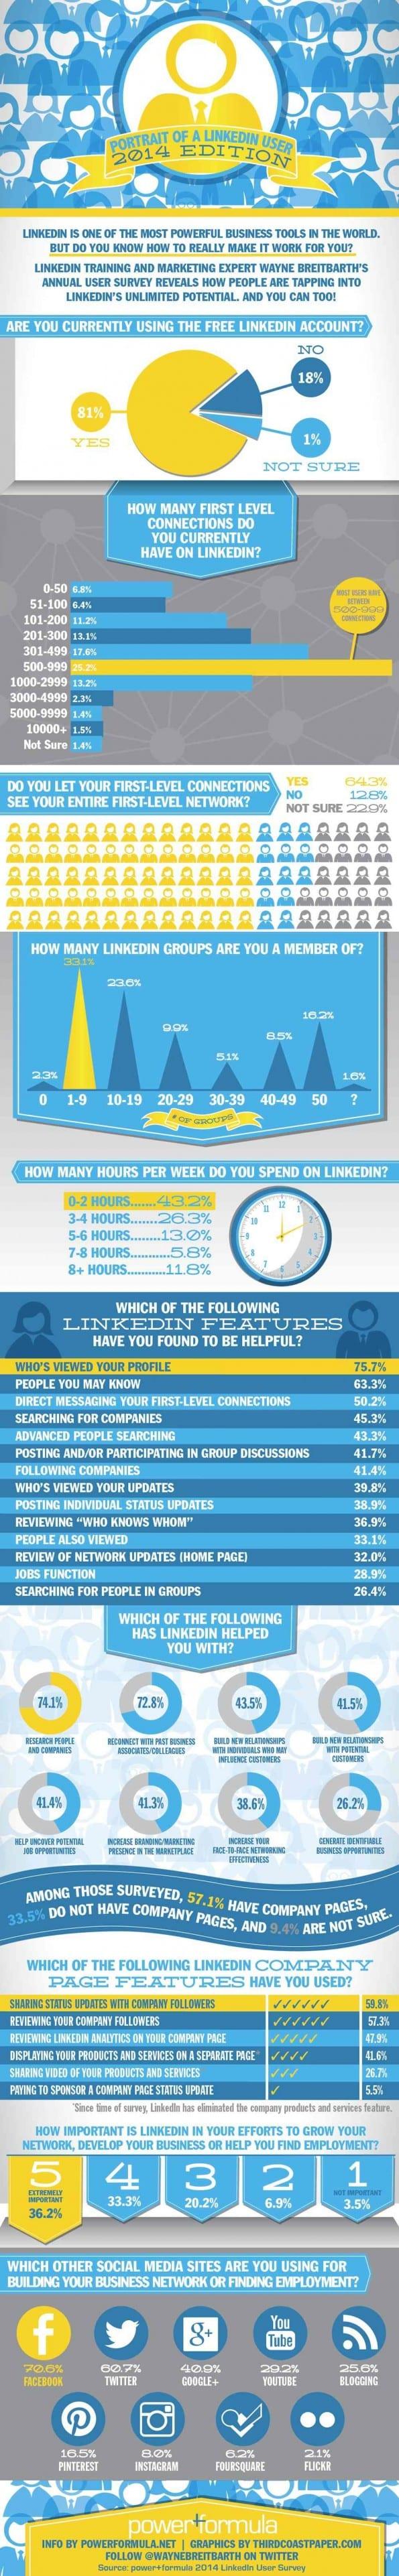 Wie is de LinkedIn-gebruiker anno 2014 [infographic]